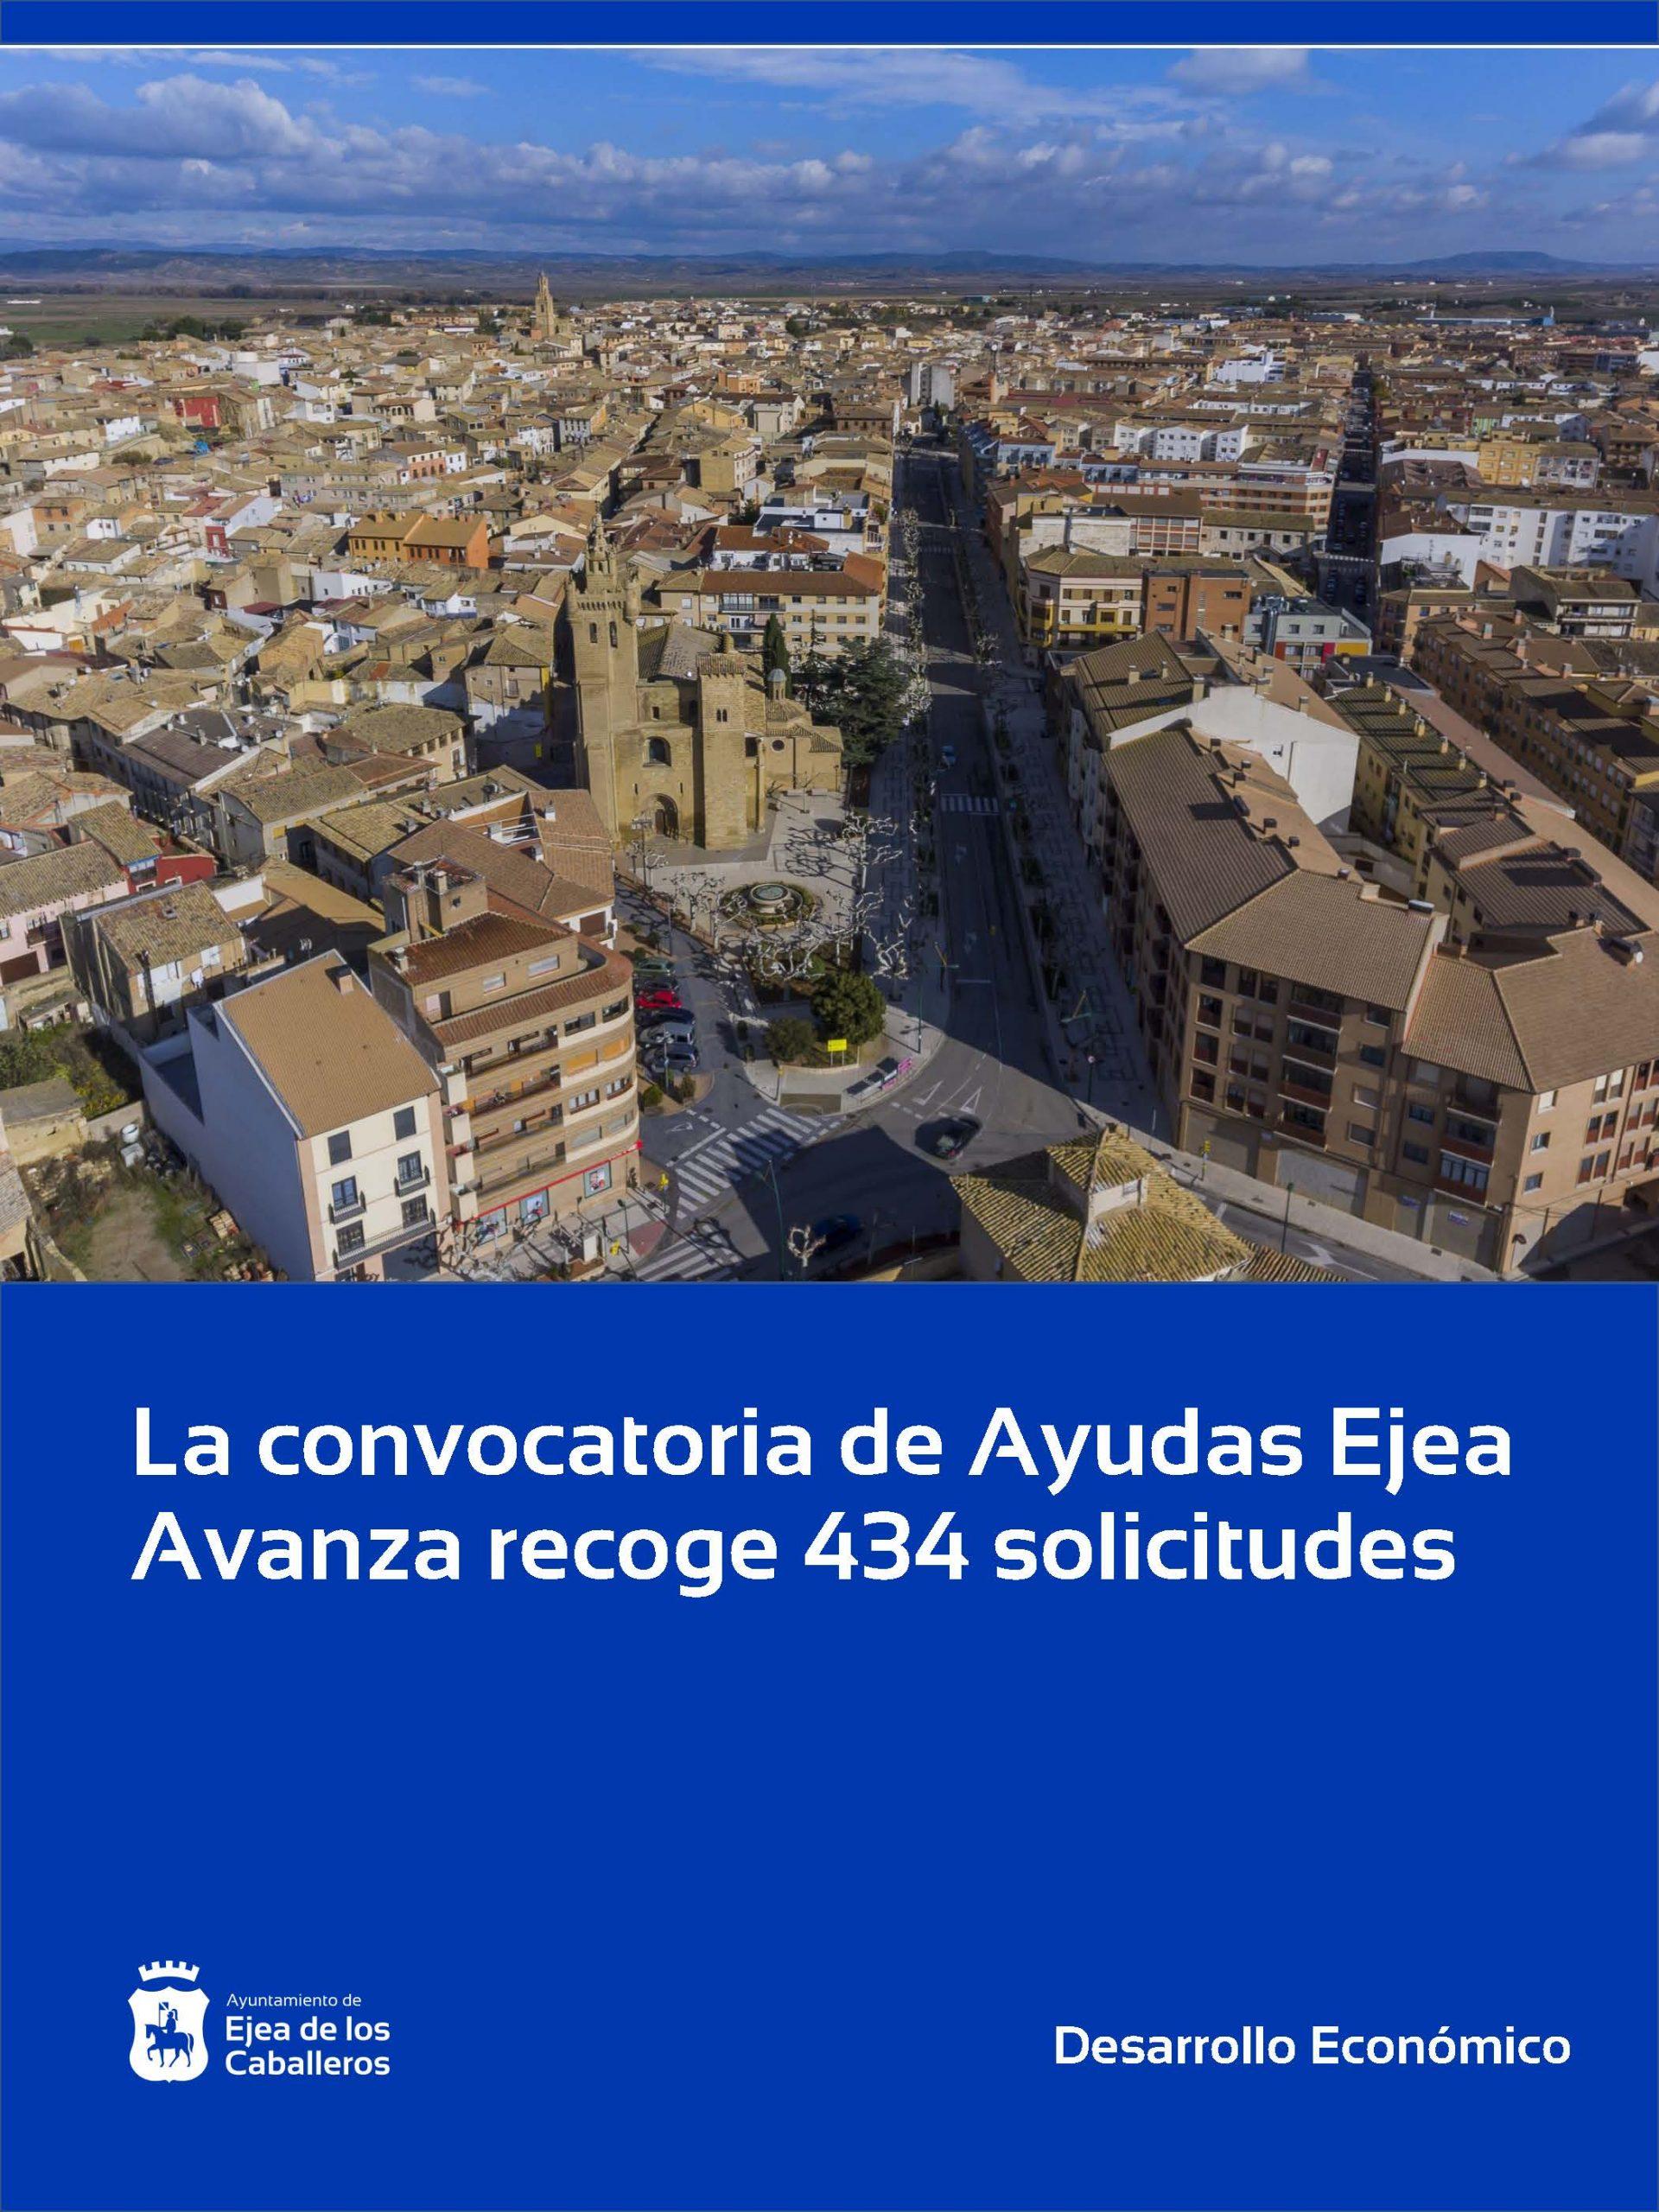 La convocatoria de las Ayudas Ejea Avanza se cierra con 434 solicitudes presentadas